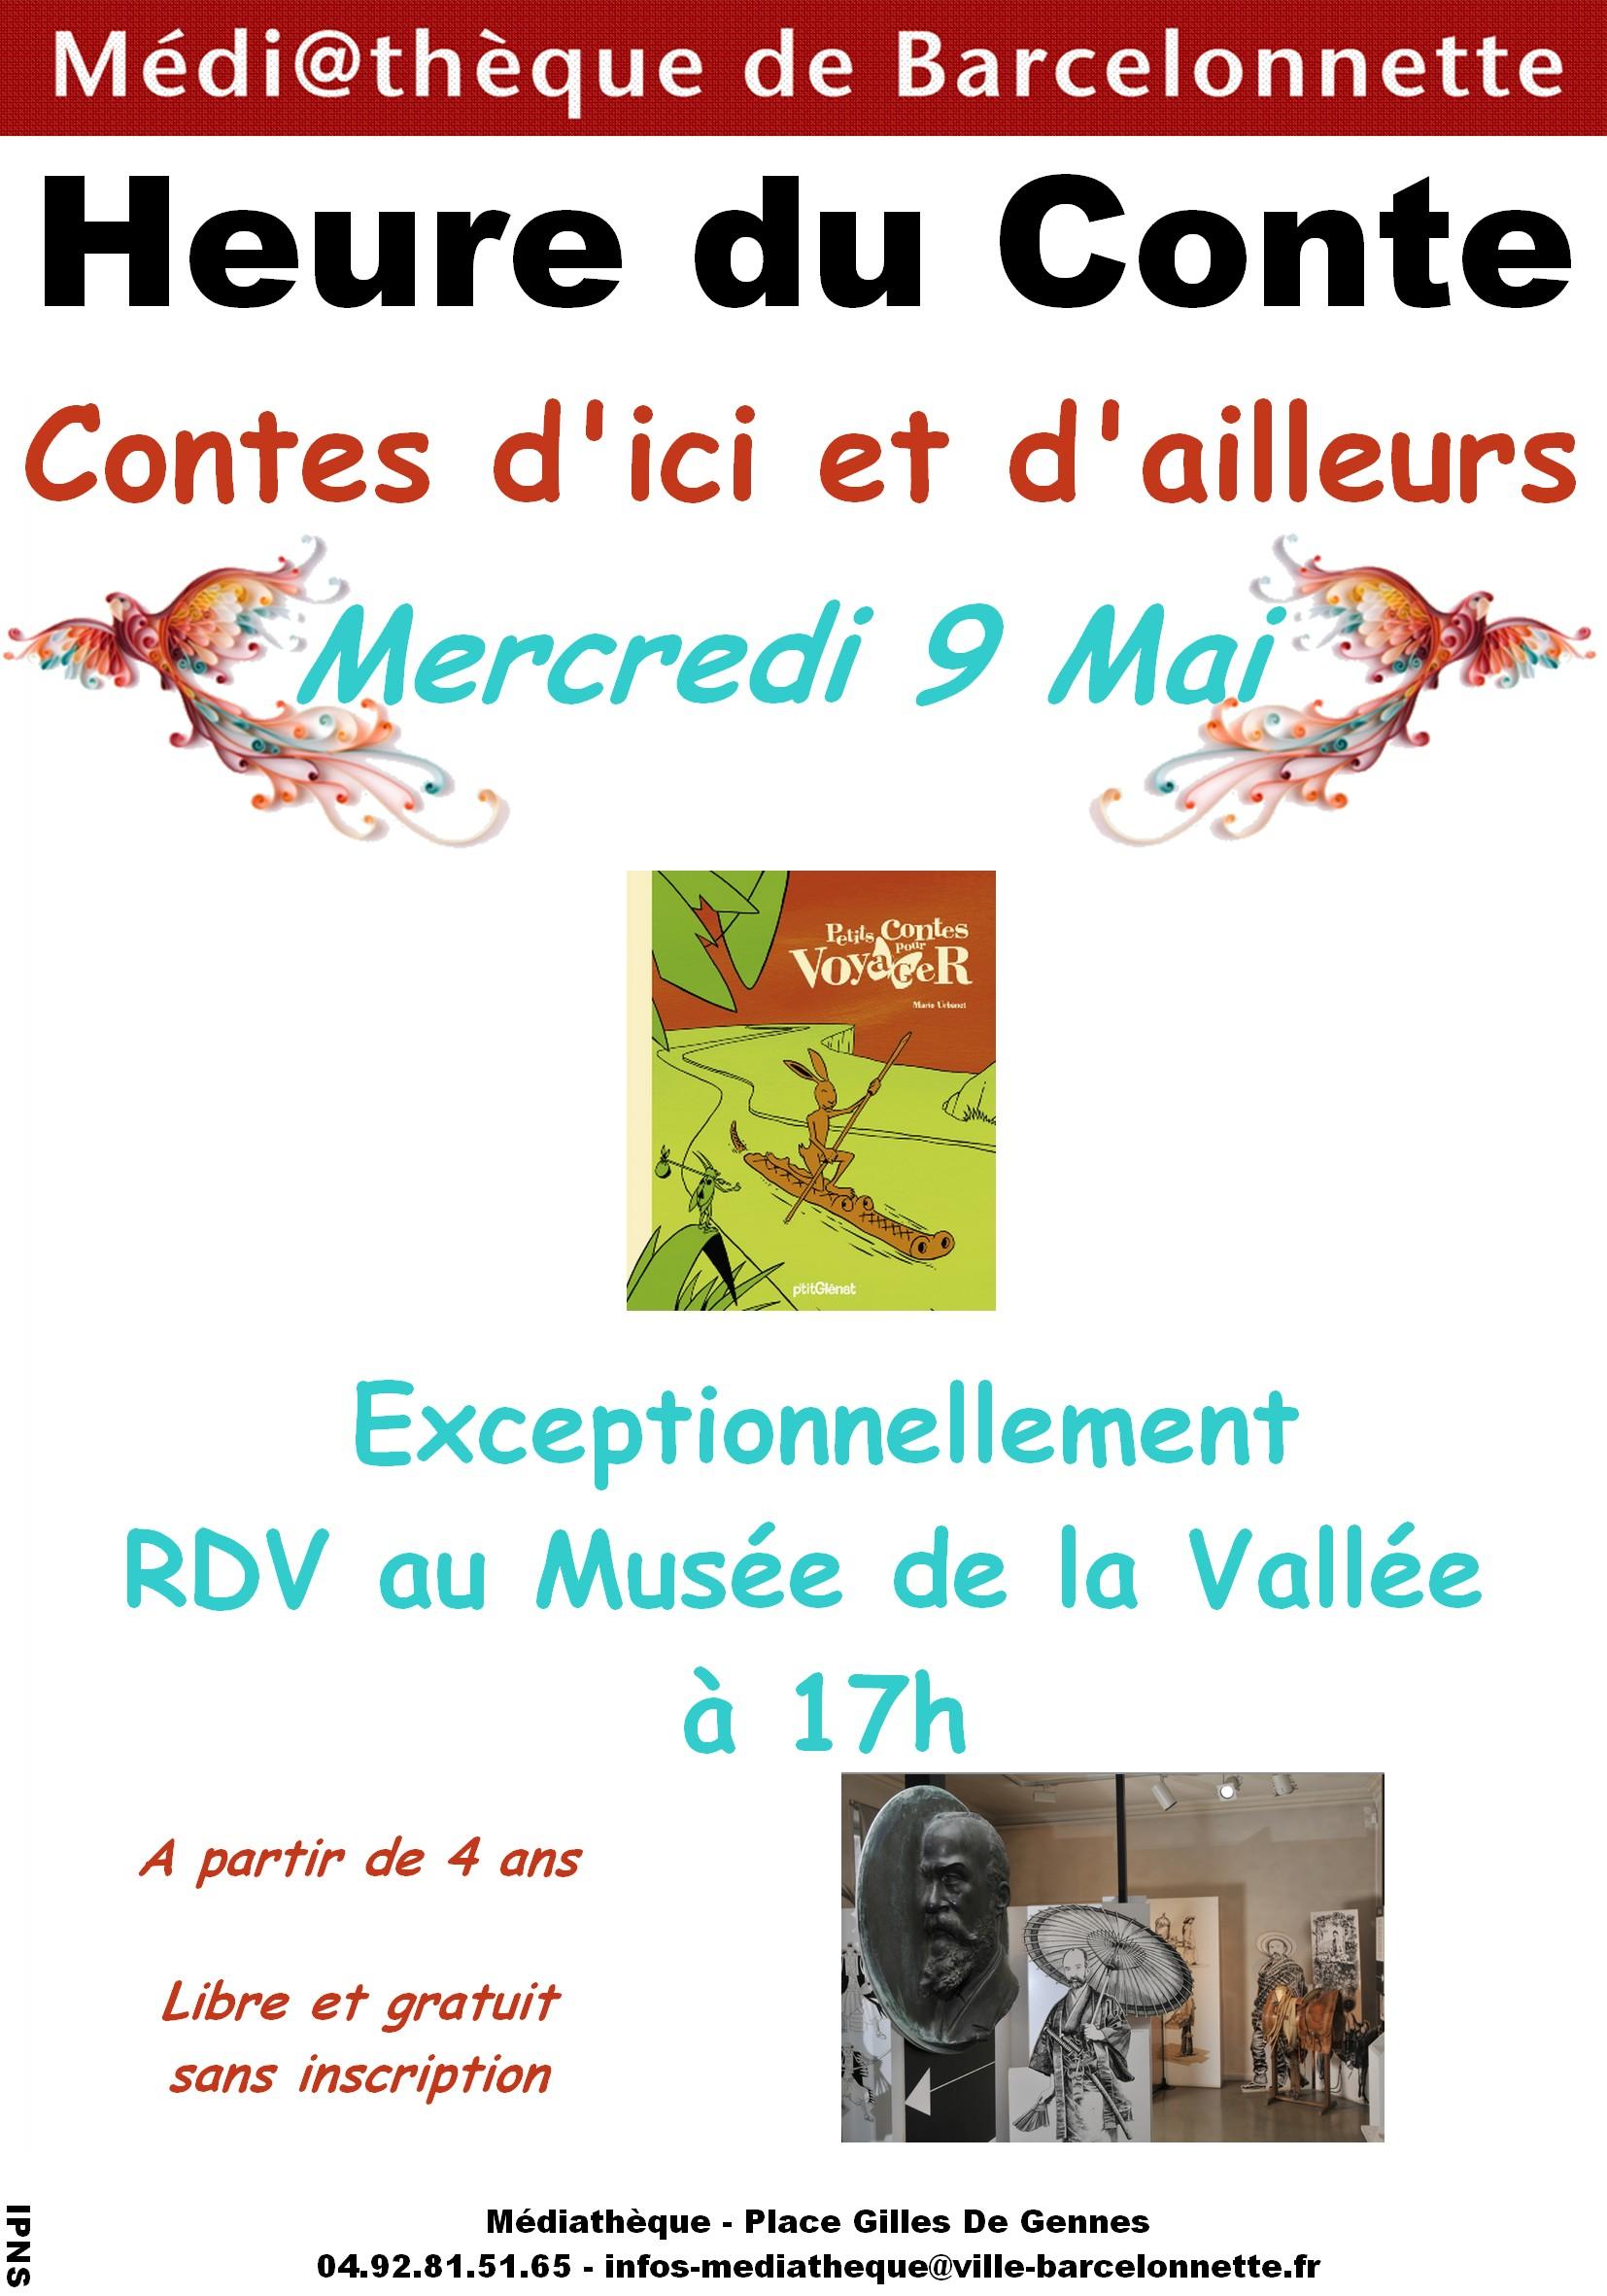 Heure du conte de Mai...RDV au Musée de la vallée! dans Archives heure-du-conte